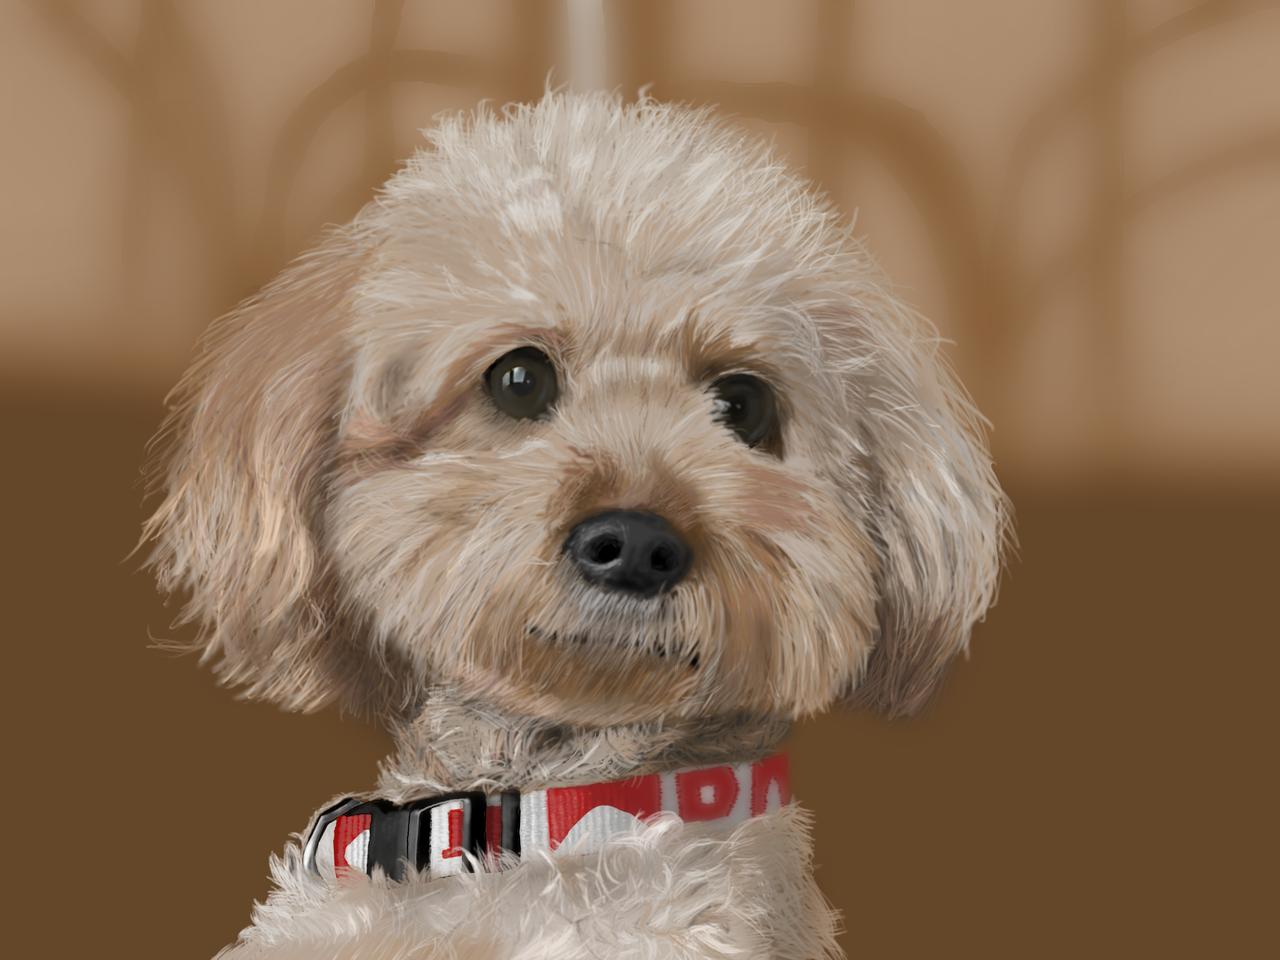 モモちゃん Illust of カネとも medibangpaint animal リアル絵 dog トイプードル